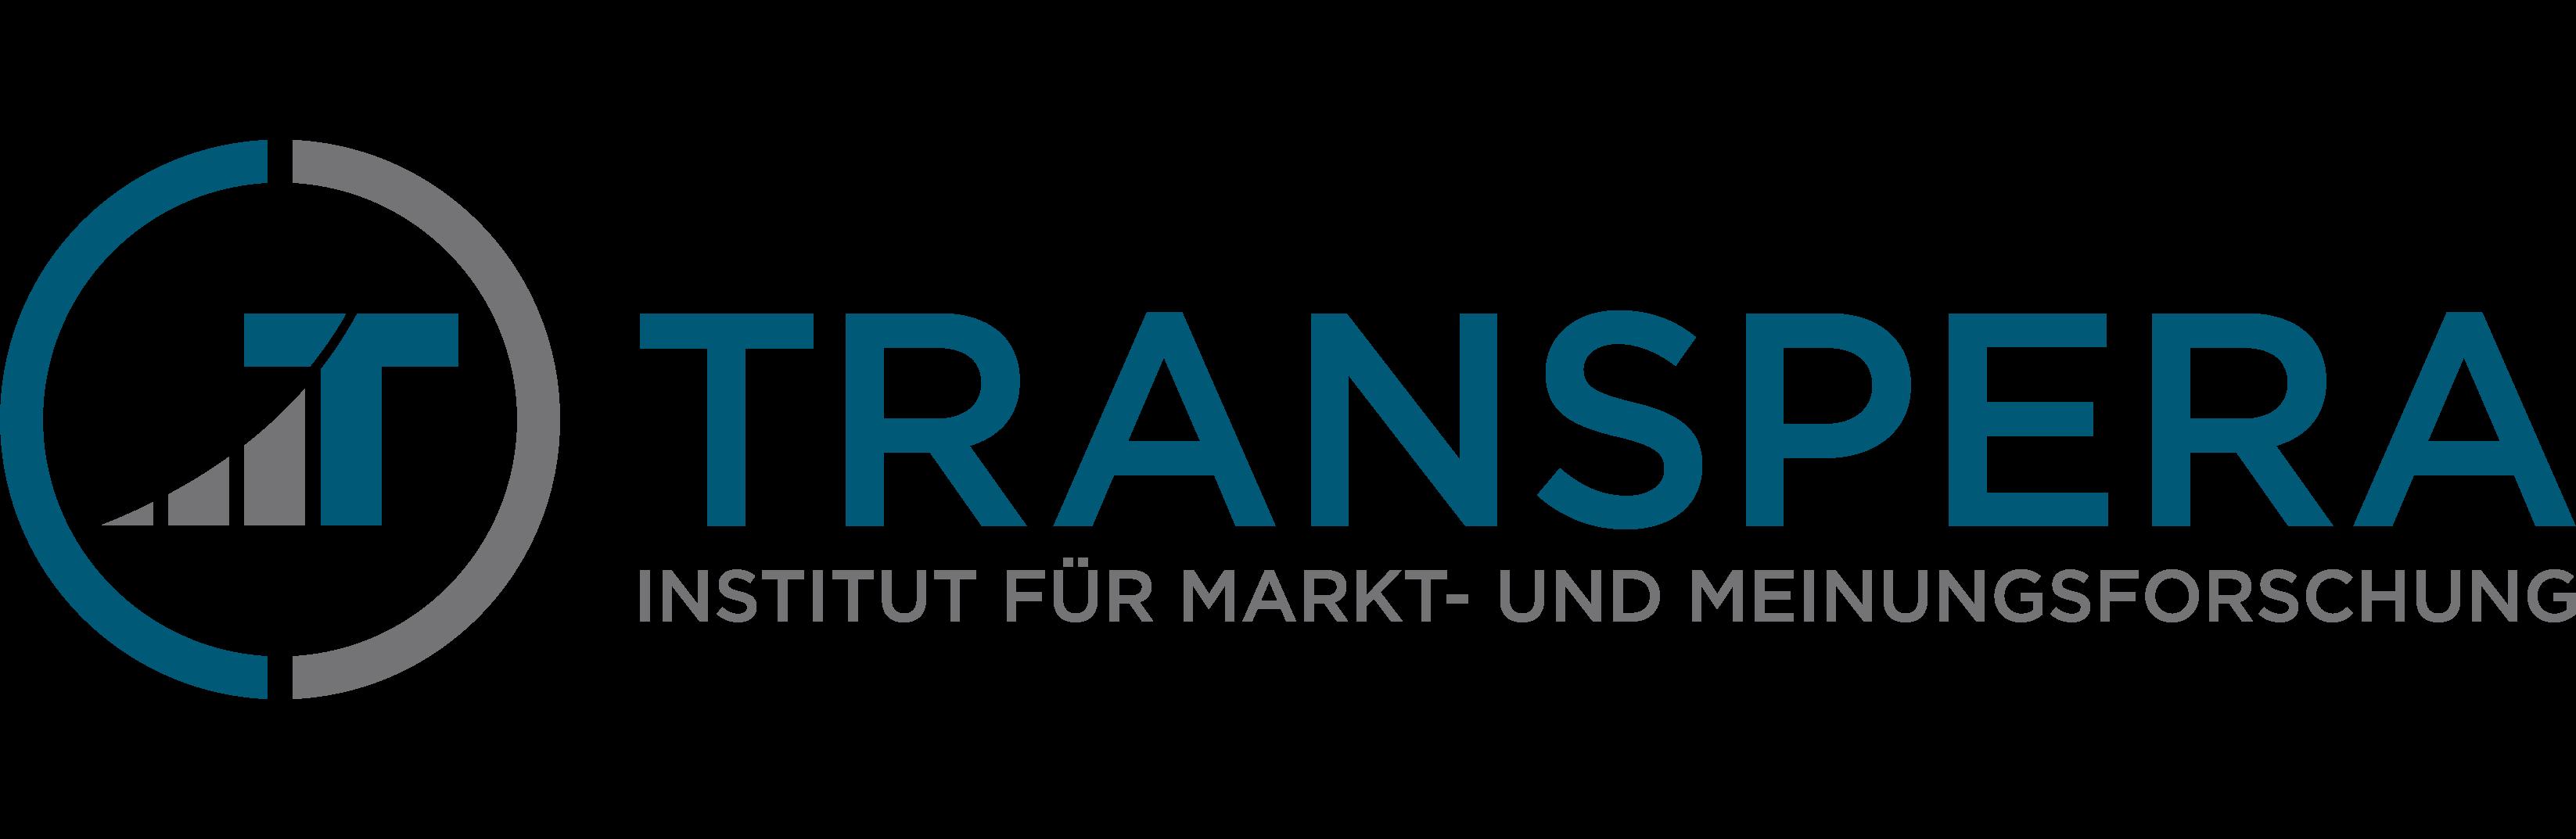 Transpera - Institut für Markt- und Meinungsforschung